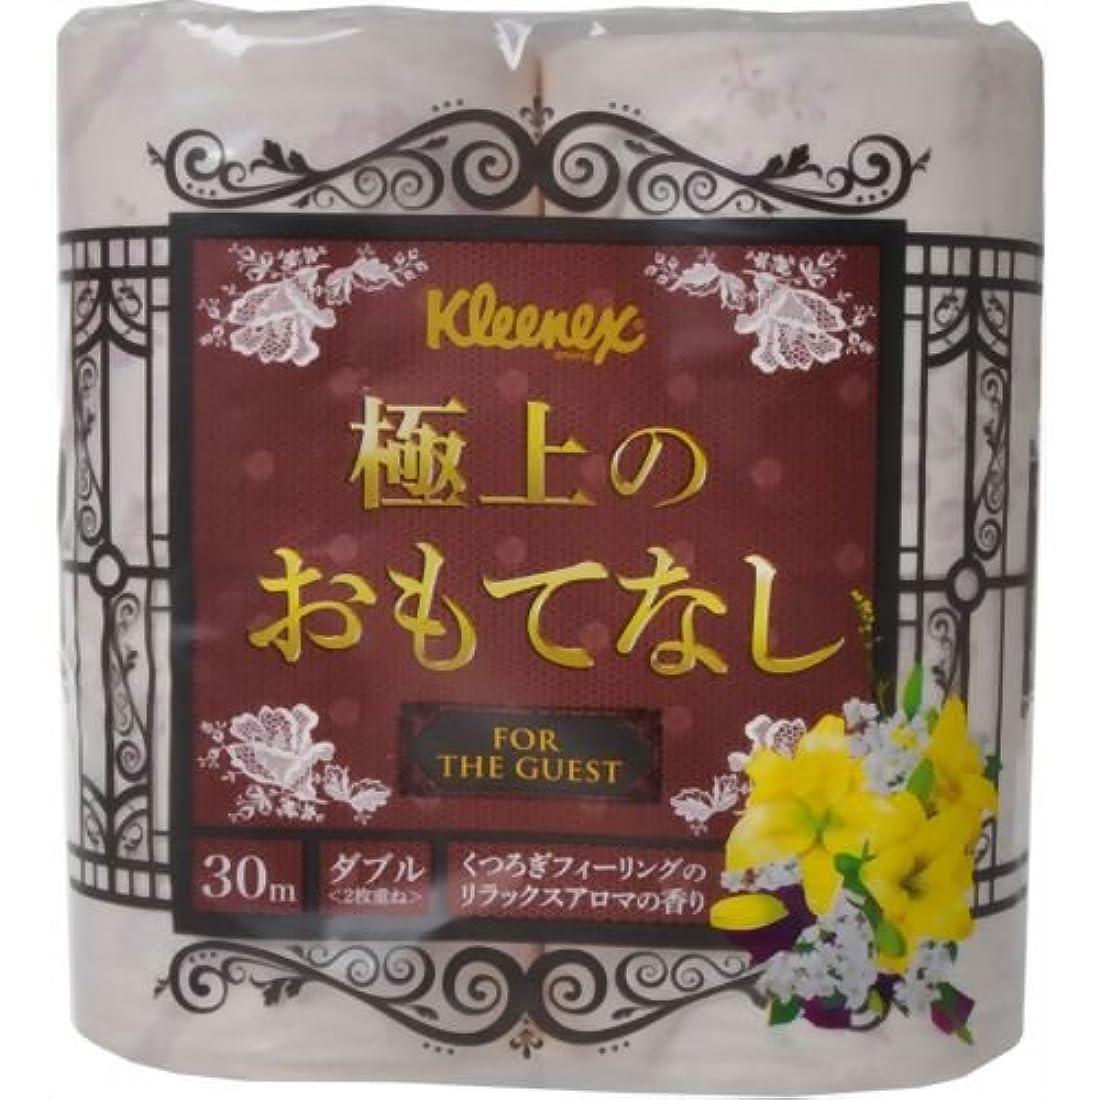 頂点羊のくそー日本製紙クレシア クリネックス トイレットペーパー 極上のおもてなし 香りつき 4ロール(ダブル)4ロール×10パック=40ロール 22810